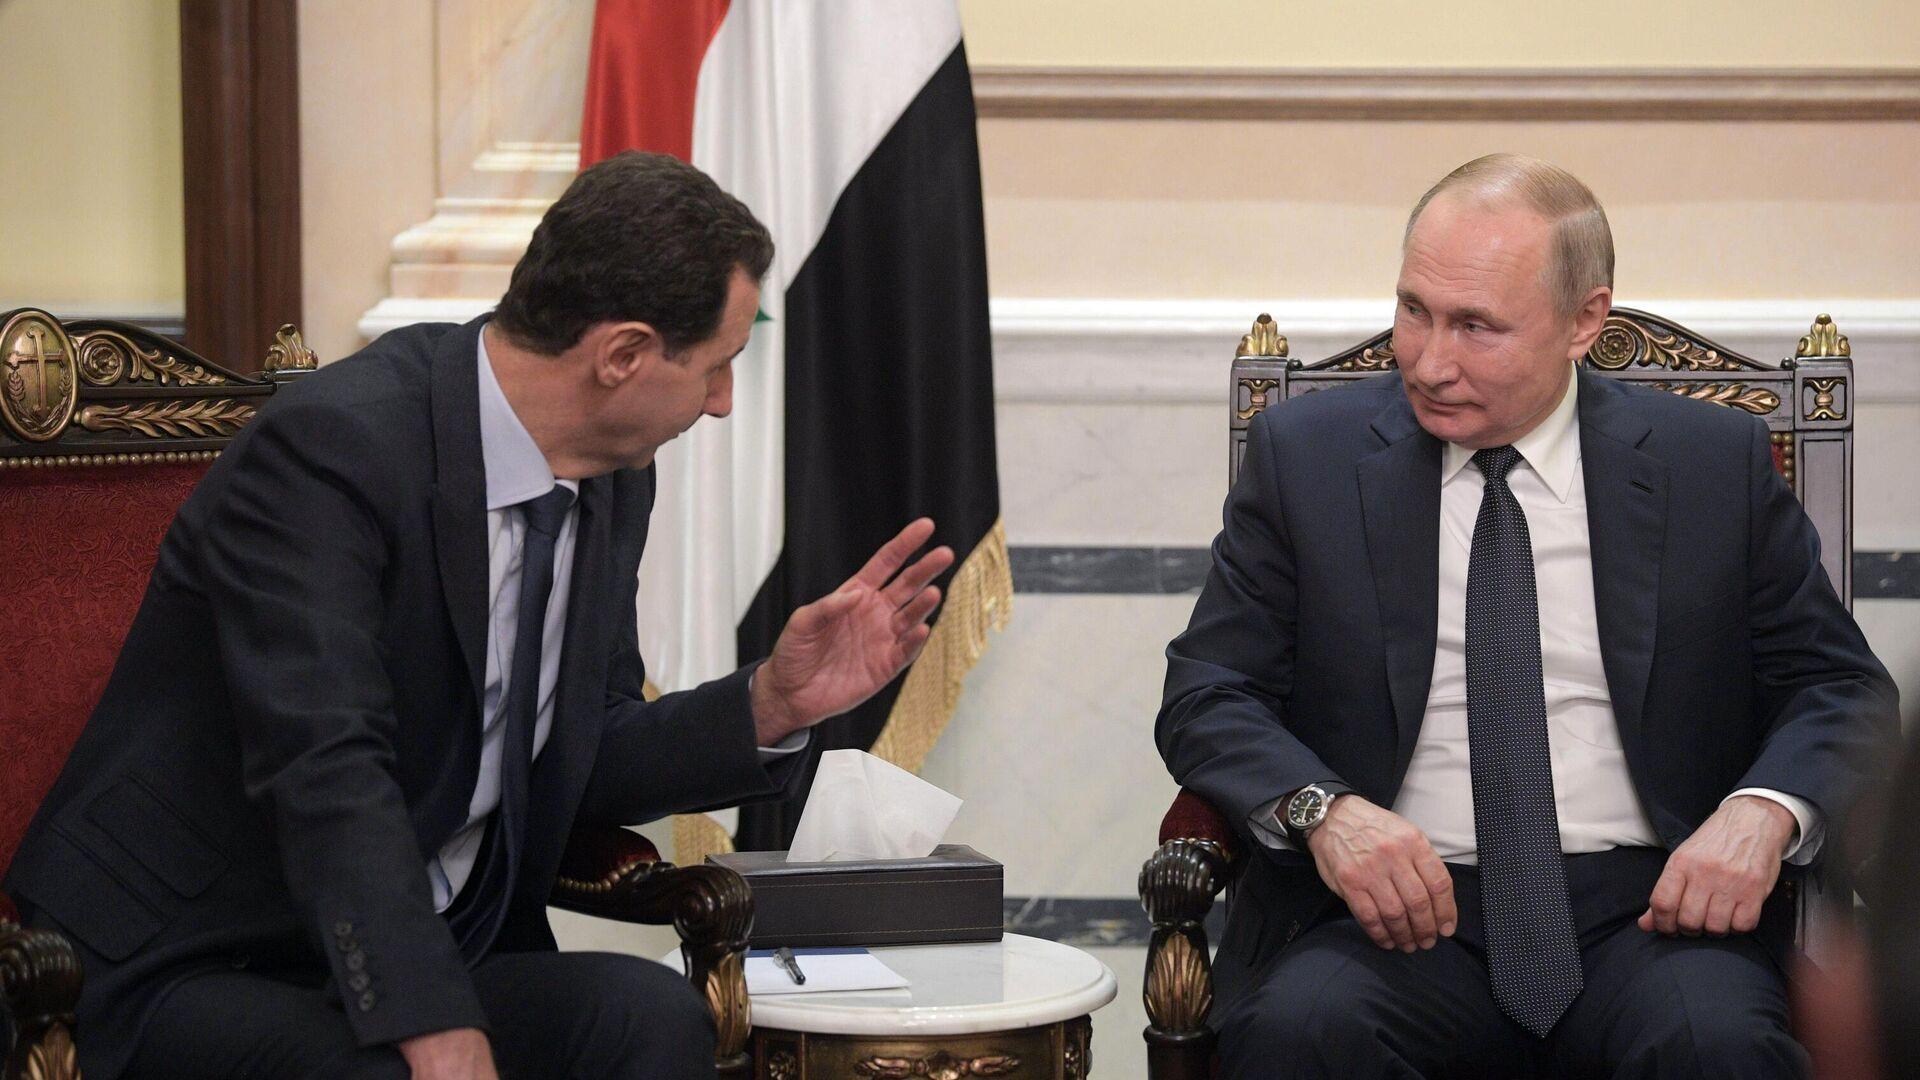 Президент РФ Владимир Путин и президент Сирии Башар Асад во время встречи в Дамаске - РИА Новости, 1920, 07.01.2021